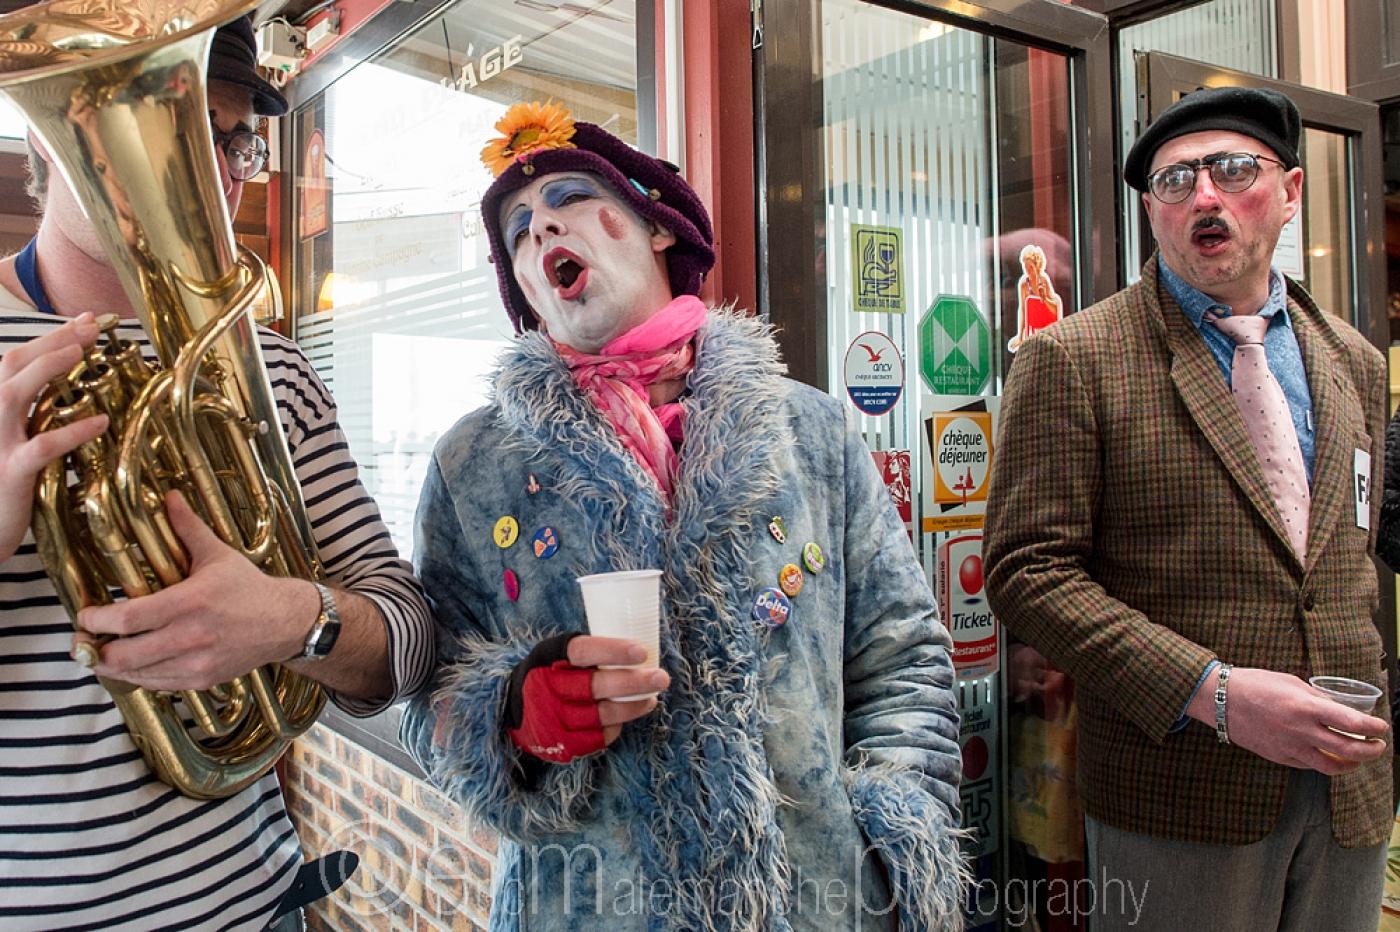 https://www.ericmalemanche.com/imagess/topics/carnaval-de-dunkerque/liste/Carnaval-Dunkerque-5719.jpg